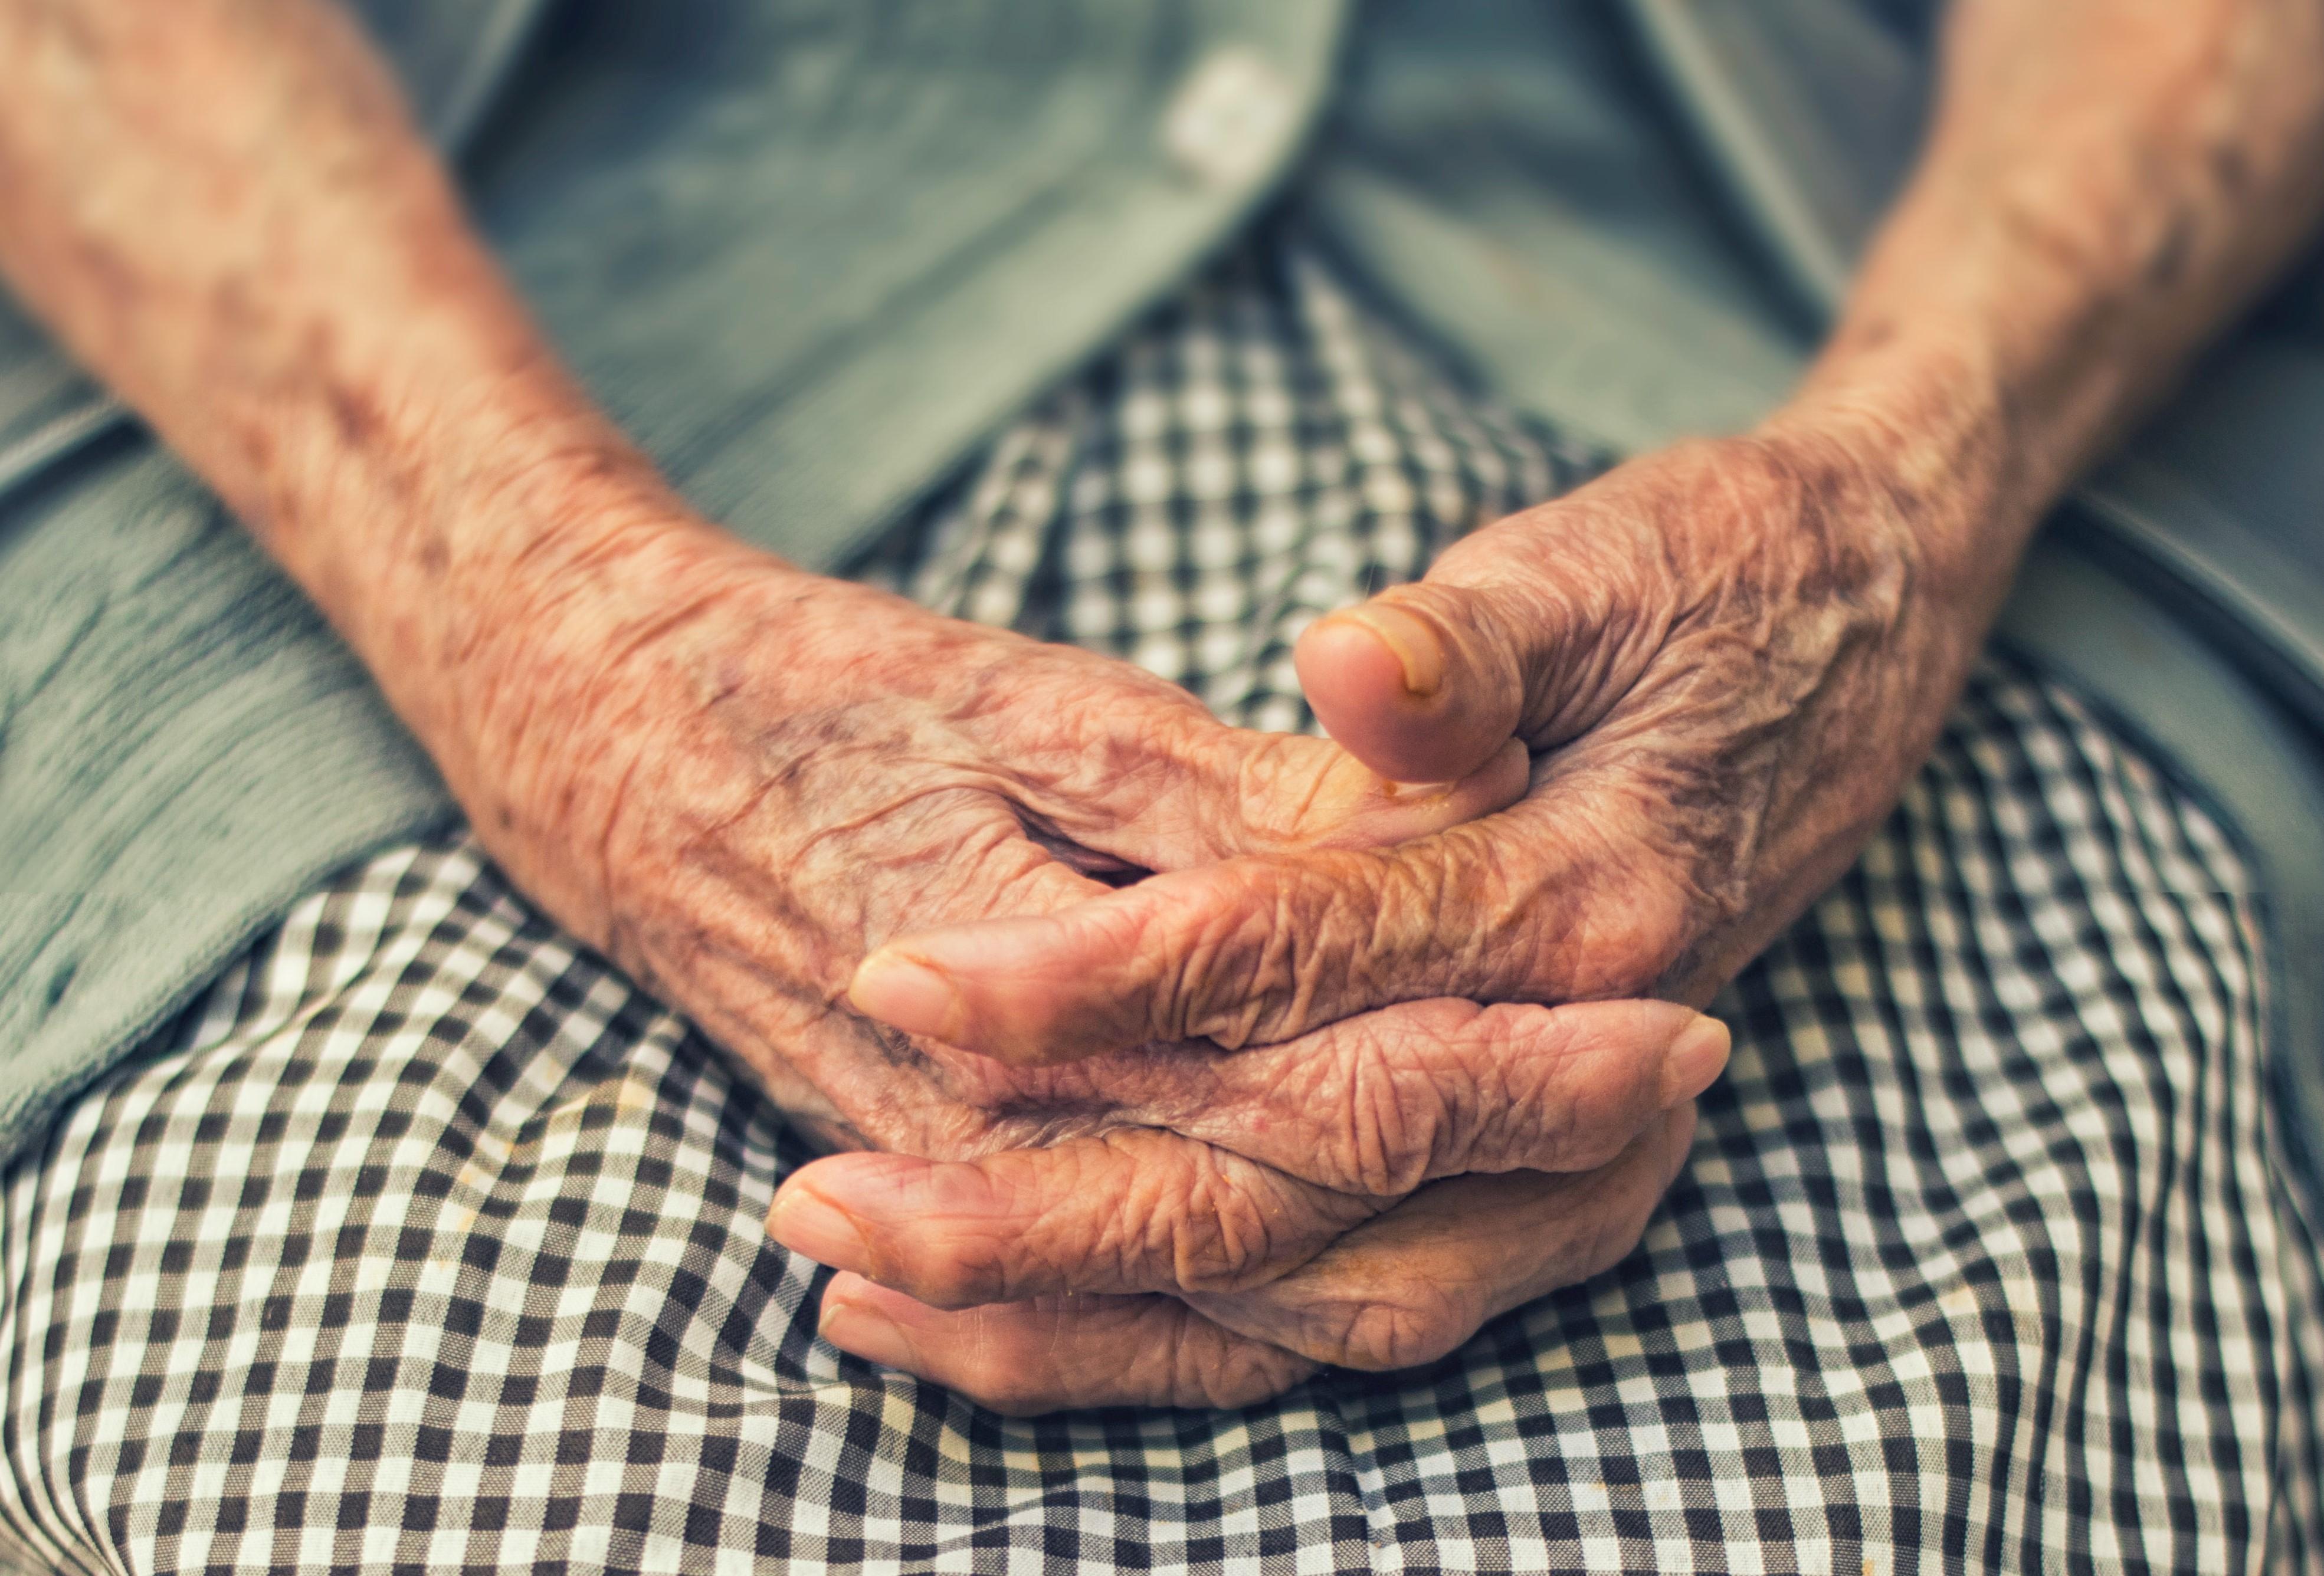 Operação de combate à violência contra idosos é deflagrada em Sergipe